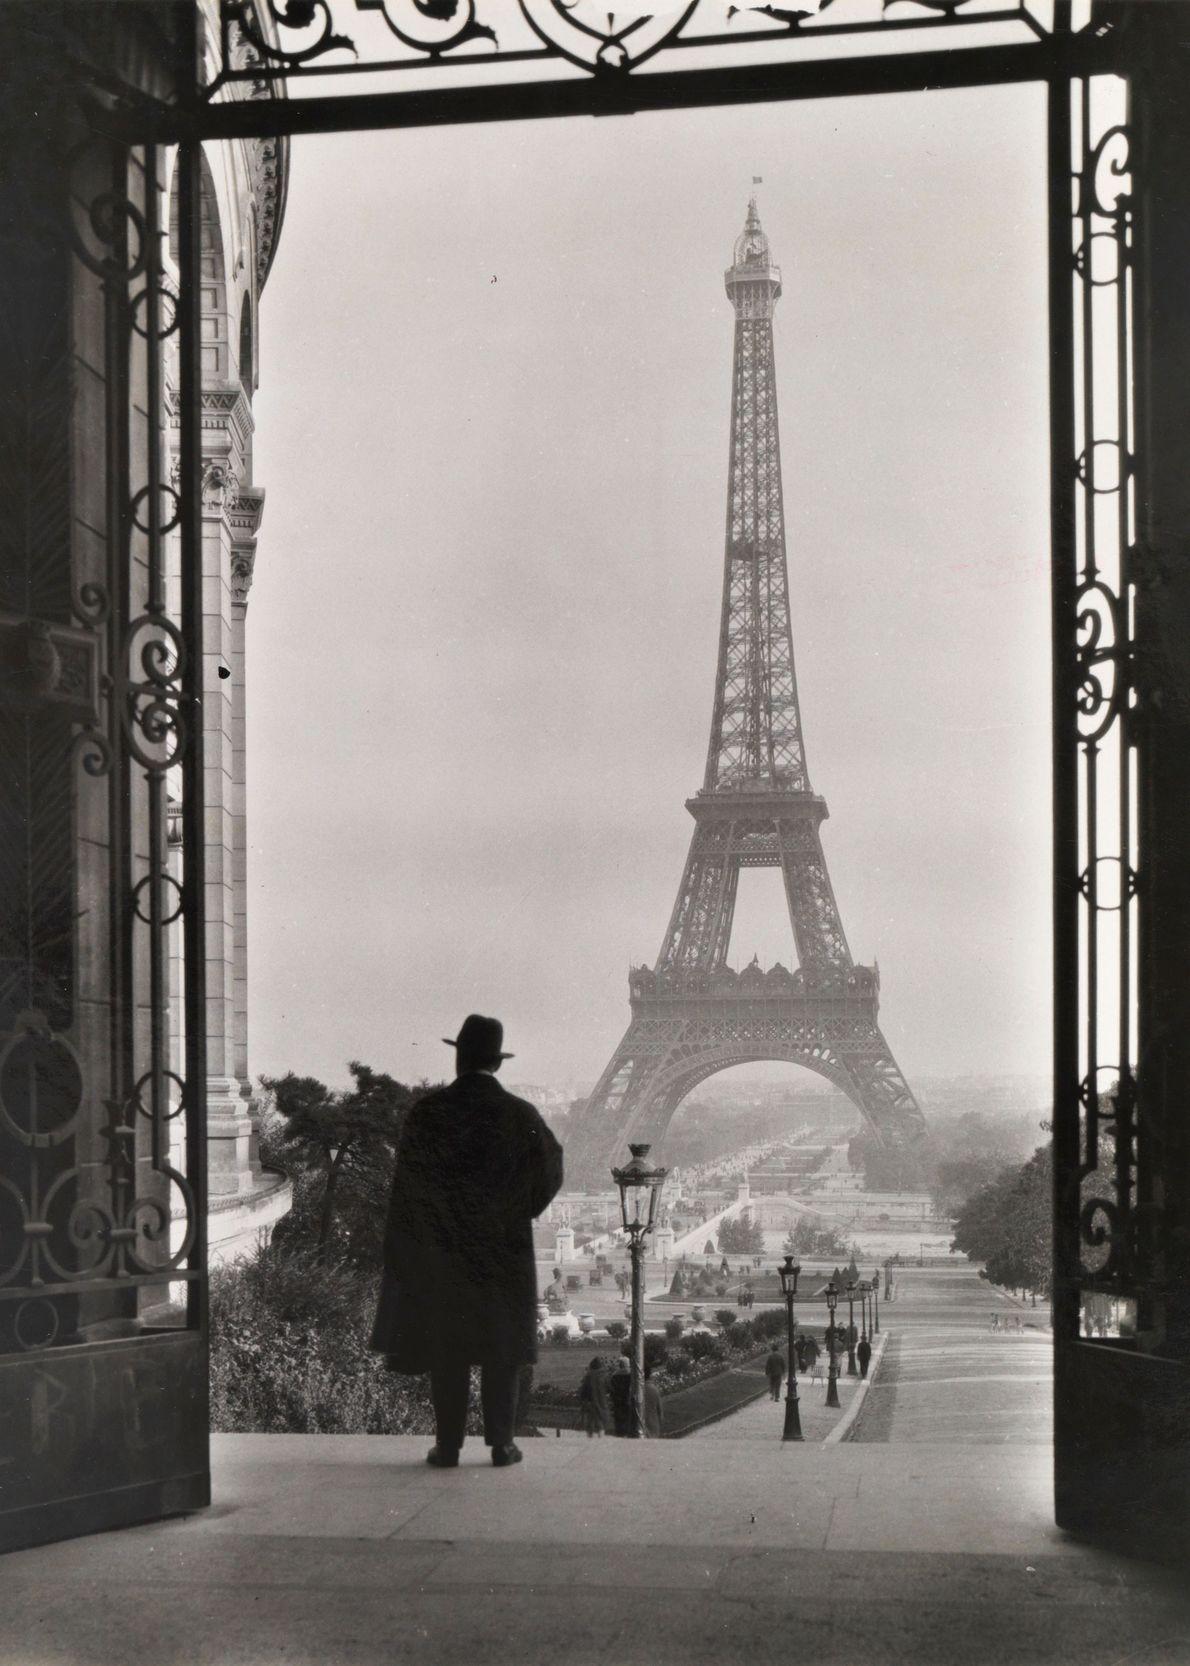 Paris, France: 1929